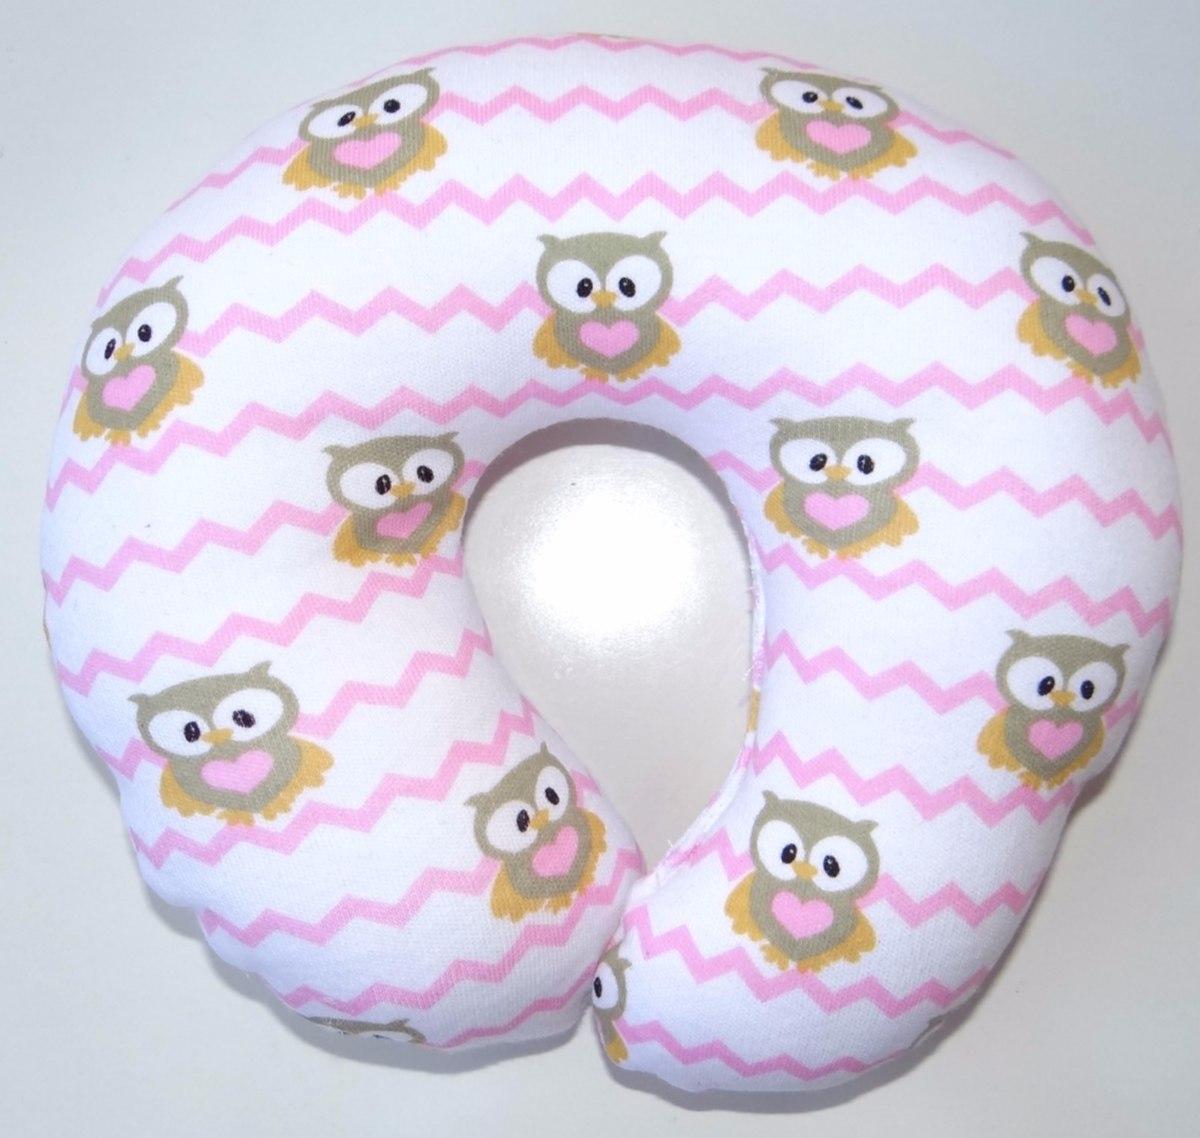 Producto de alta calidad. Bonita almohada para bebé con el centro cóncavo para prevenir el síndrome de la cabeza plana. Suave y agradable para la piel del bebé, y acolchada un para mayor confort.